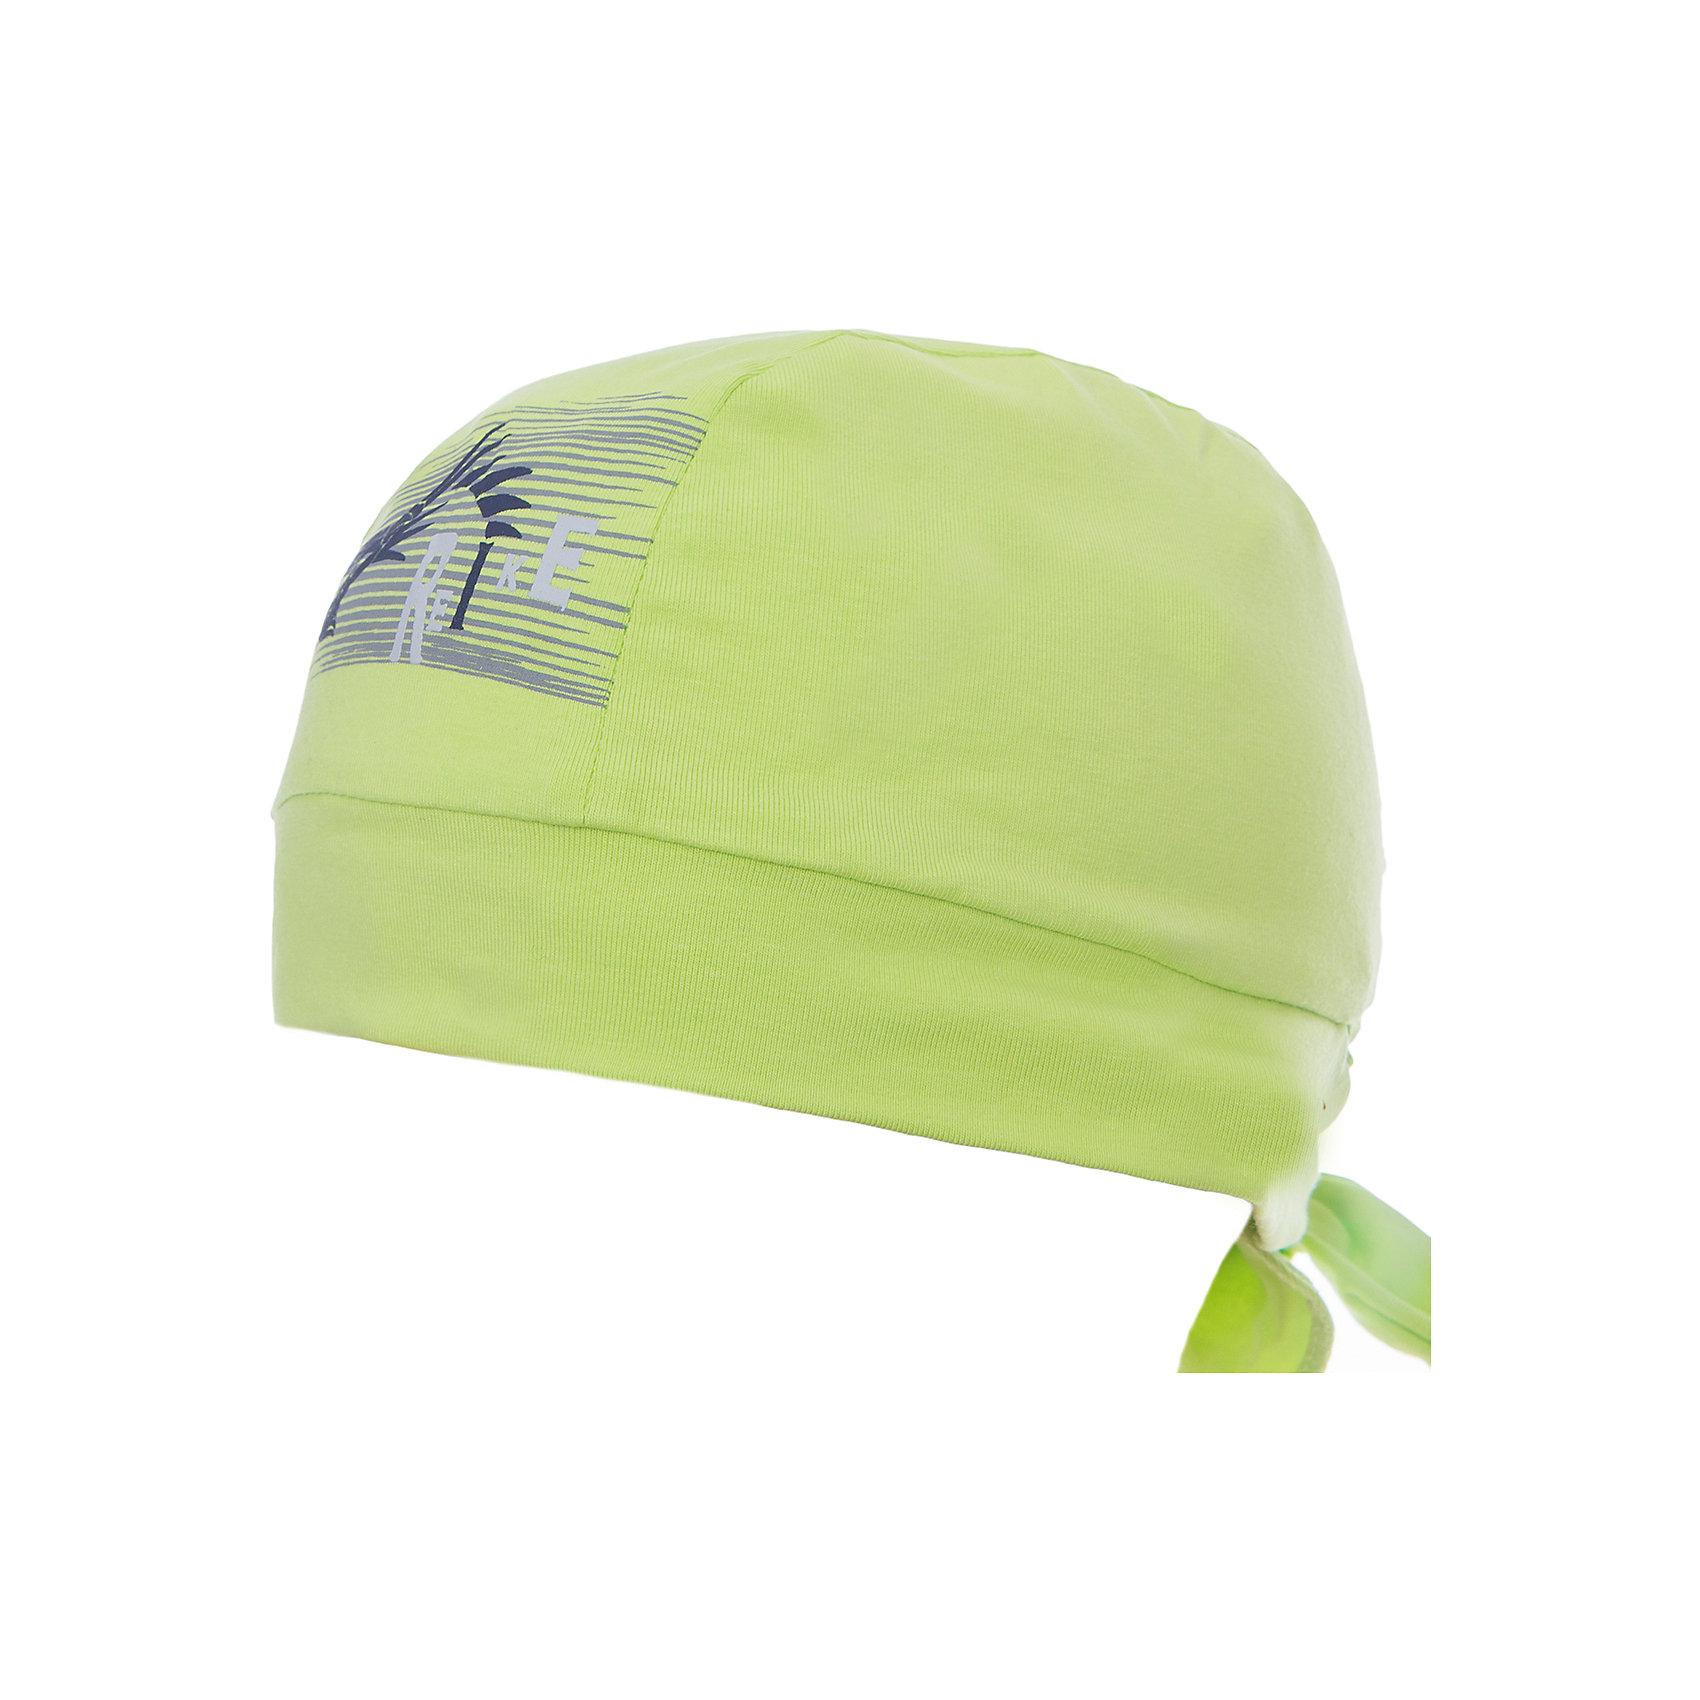 Бандана Reike для мальчикаШапки и шарфы<br>Характеристики товара:<br><br>• цвет: салатовый<br>• состав: 100% хлопок<br>• декорирована принтом <br>• мягкий материал<br>• страна бренда: Финляндия<br><br>Новая коллекция от известного финского производителя Reike отличается ярким дизайном, продуманностью и комфортом! Эта модель разработана специально для детей - она учитывает особенности их физиологии, а также новые тенденции в европейской моде. Она отлично сочетается с обувью разных цветов и фасонов. Стильная и удобная вещь!<br><br>Бандану для мальчика от популярного бренда Reike можно купить в нашем интернет-магазине.<br><br>Ширина мм: 89<br>Глубина мм: 117<br>Высота мм: 44<br>Вес г: 155<br>Цвет: зеленый<br>Возраст от месяцев: 48<br>Возраст до месяцев: 60<br>Пол: Мужской<br>Возраст: Детский<br>Размер: 50,52,54<br>SKU: 5430184